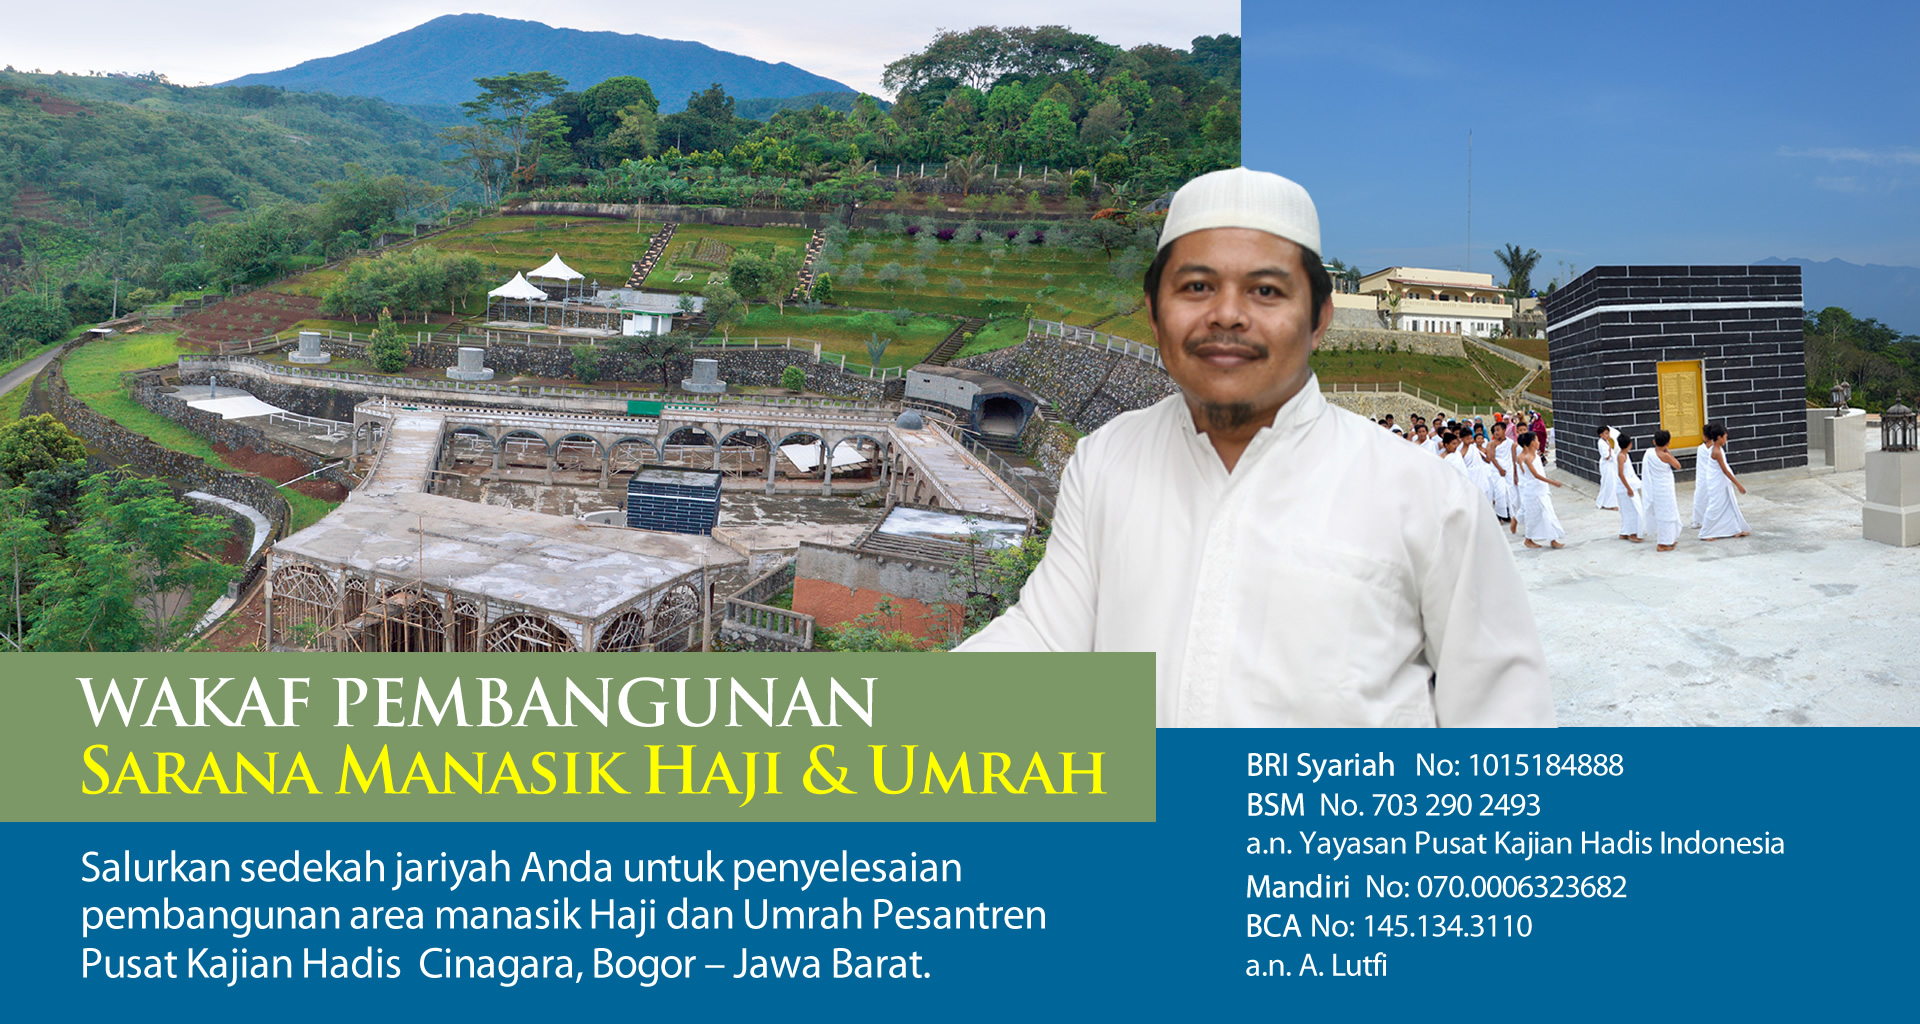 Wakaf Pembangunan Pesantren PKH